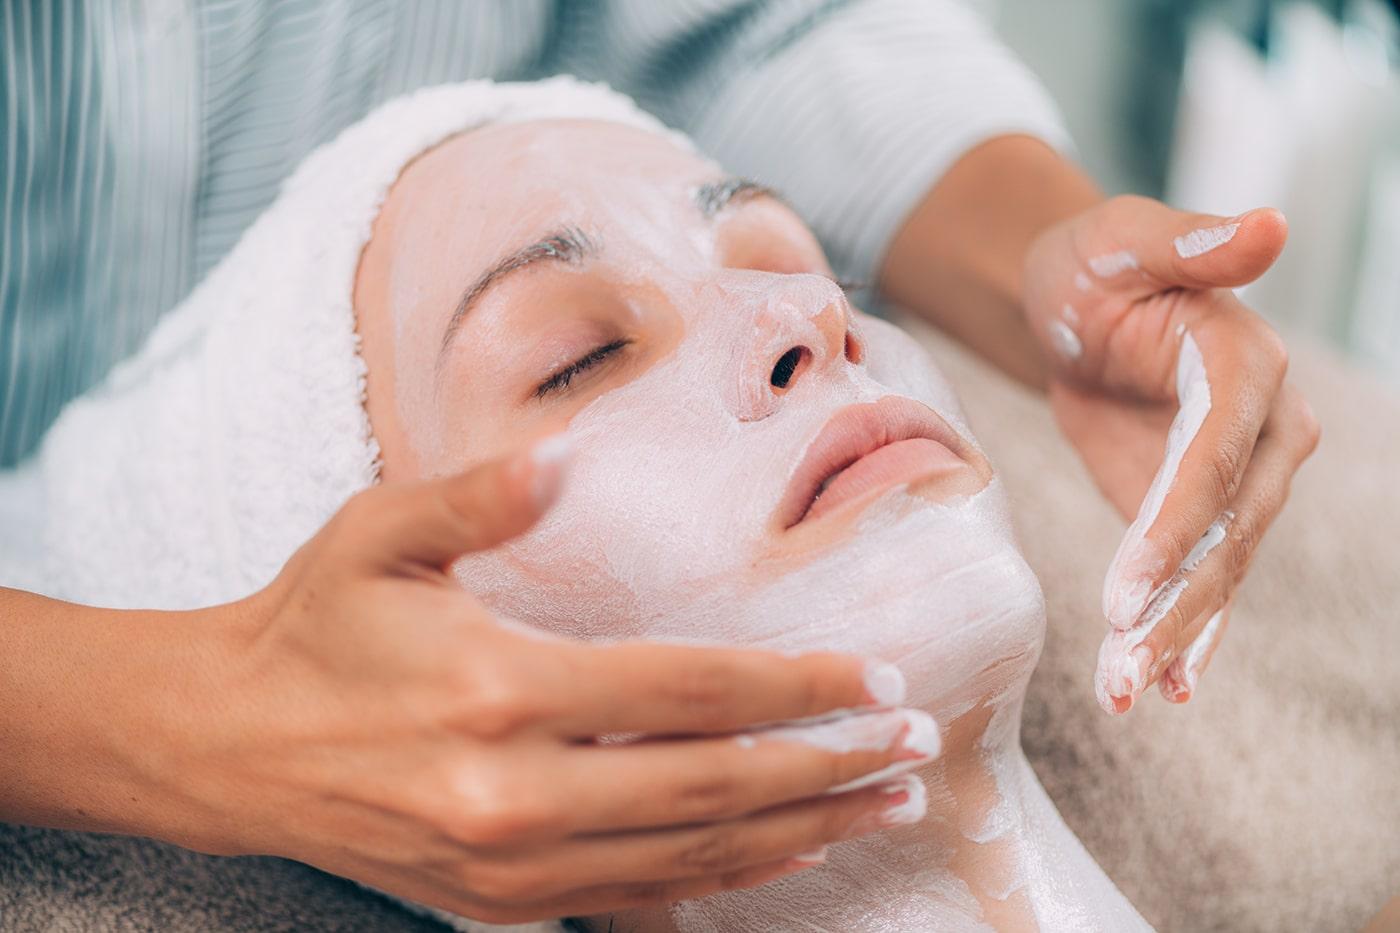 Woman receiving facial